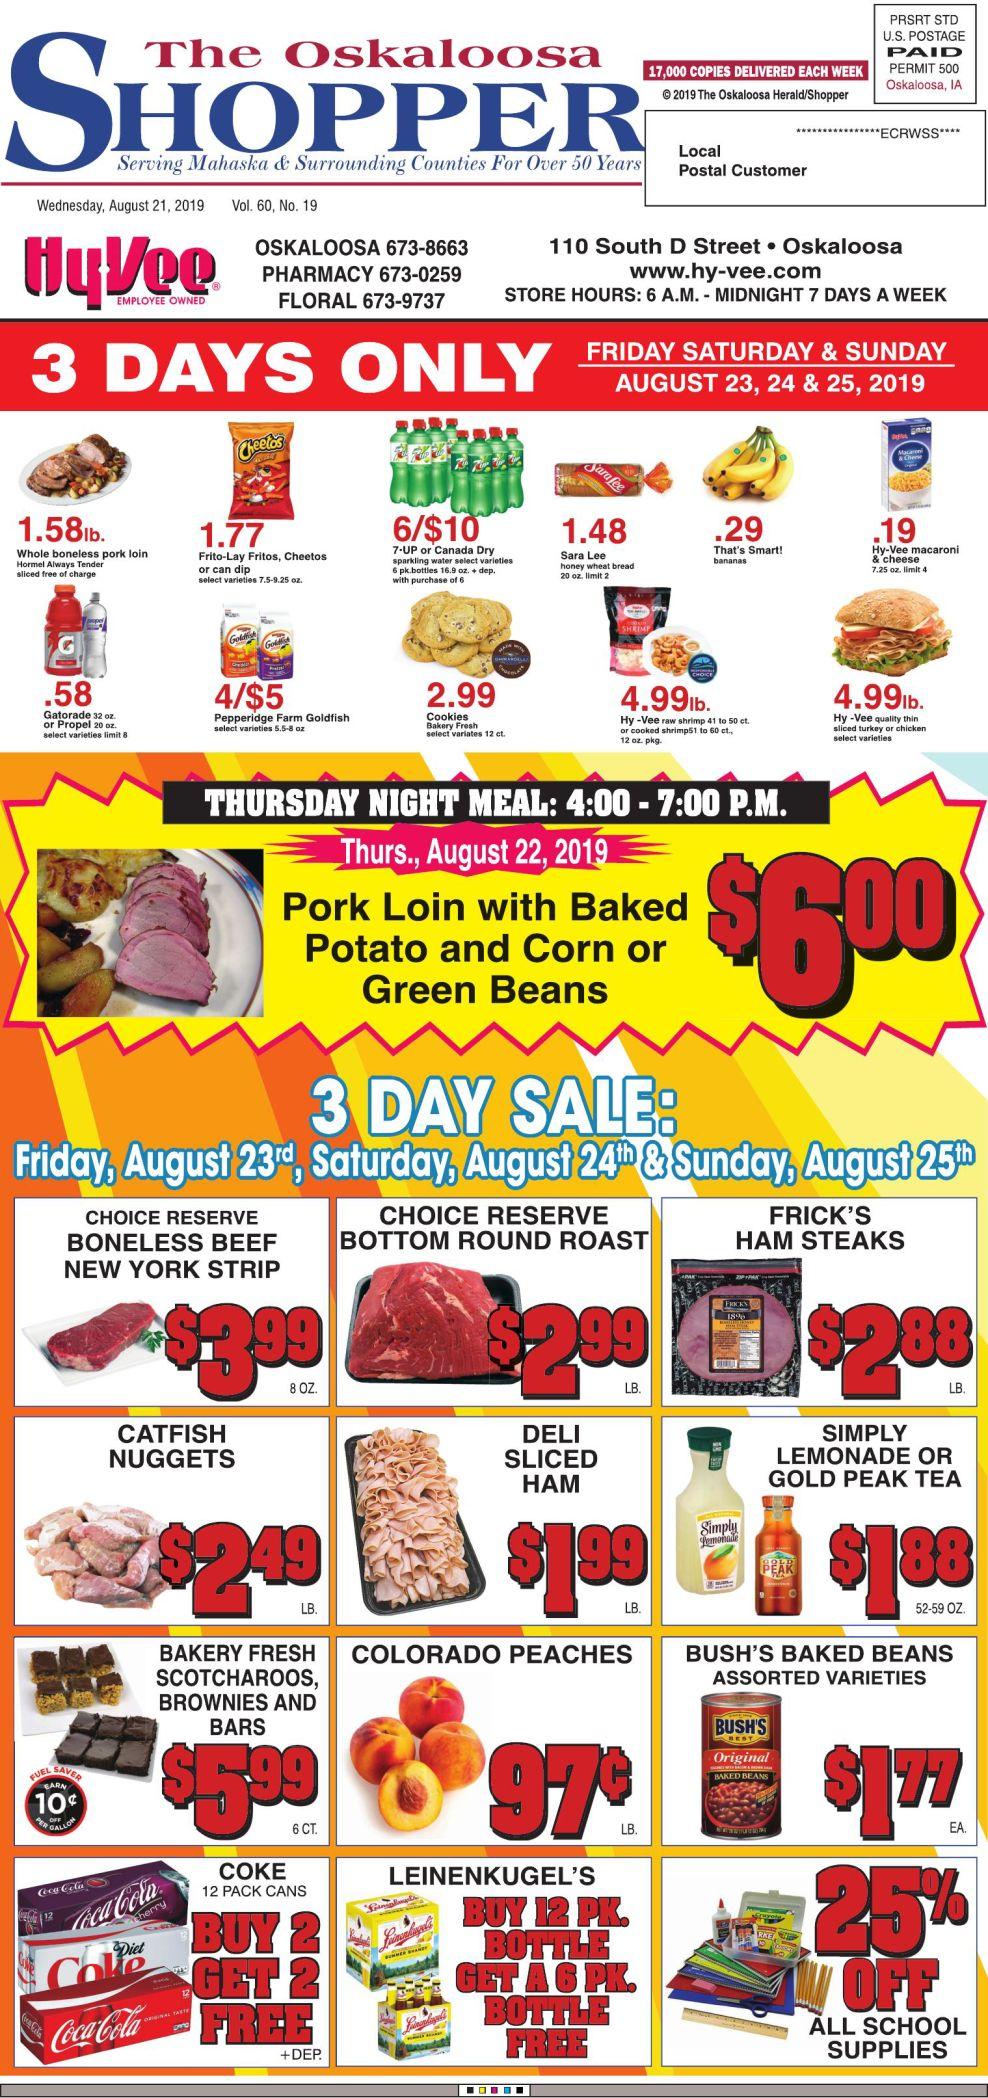 Oskaloosa Shopper week of 8/21/19